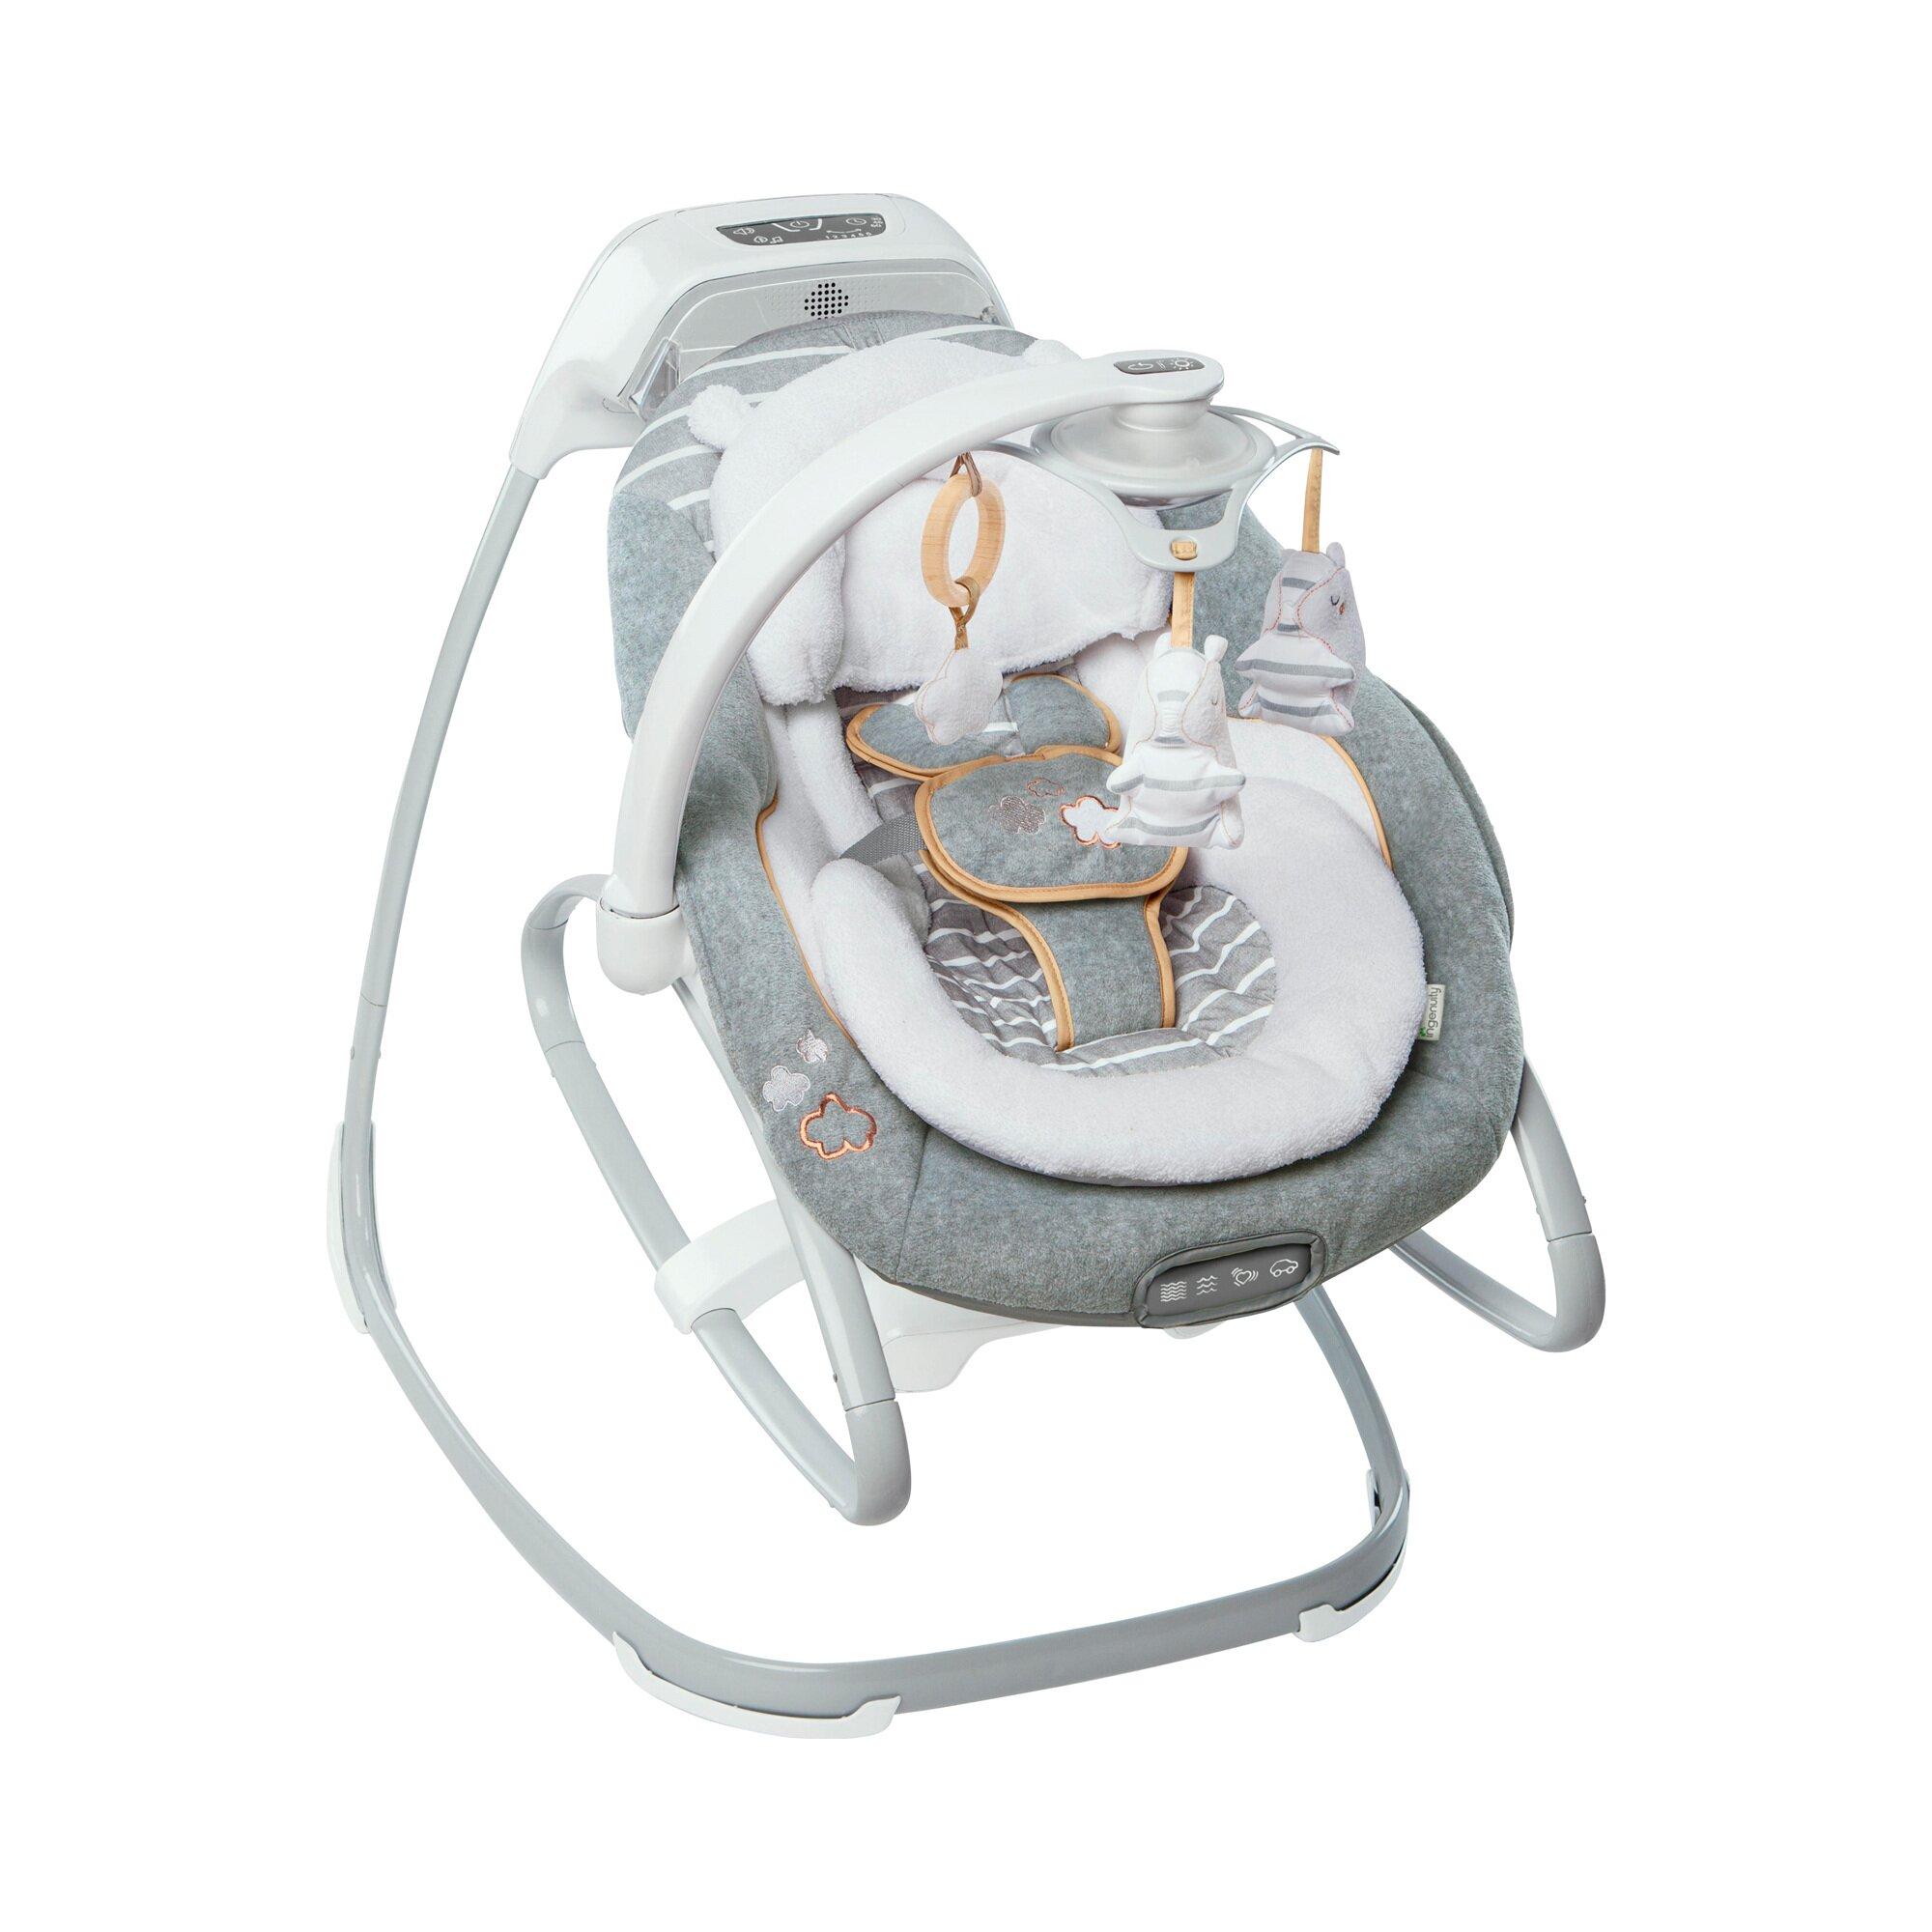 ingenuity-babyschaukel-2-in-1-bella